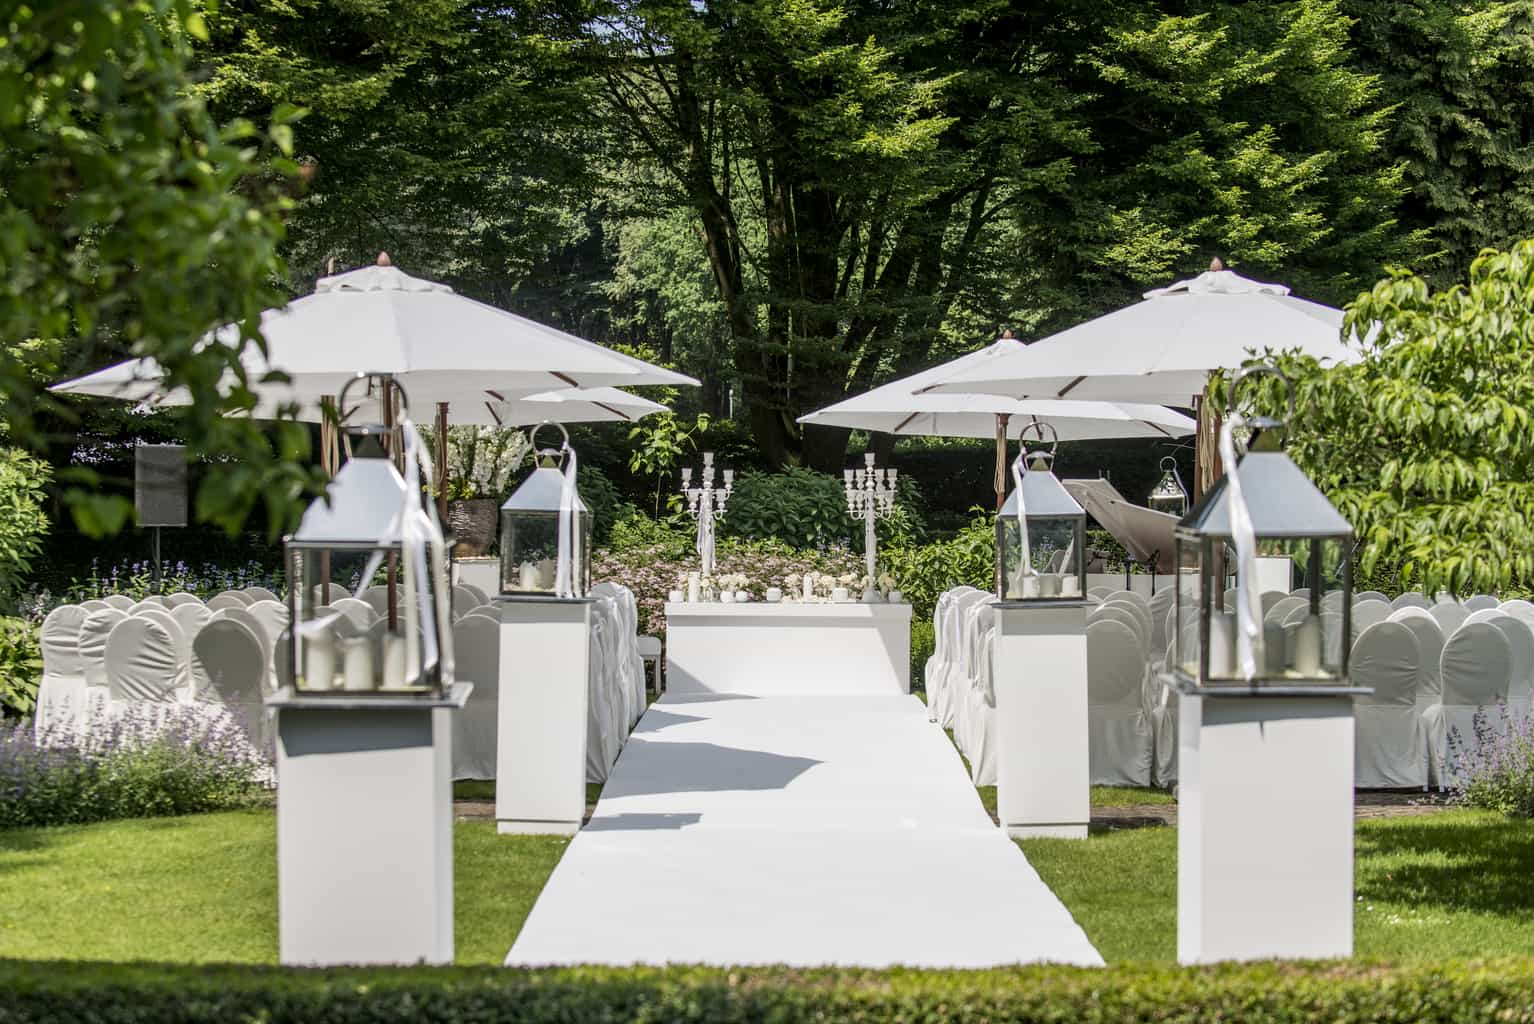 Huwelijksceremonie Landgoed Het Roode Koper, Buiten trouwen, Wedding en Planning, weddingplanner, Styling Koolhaas Concepts